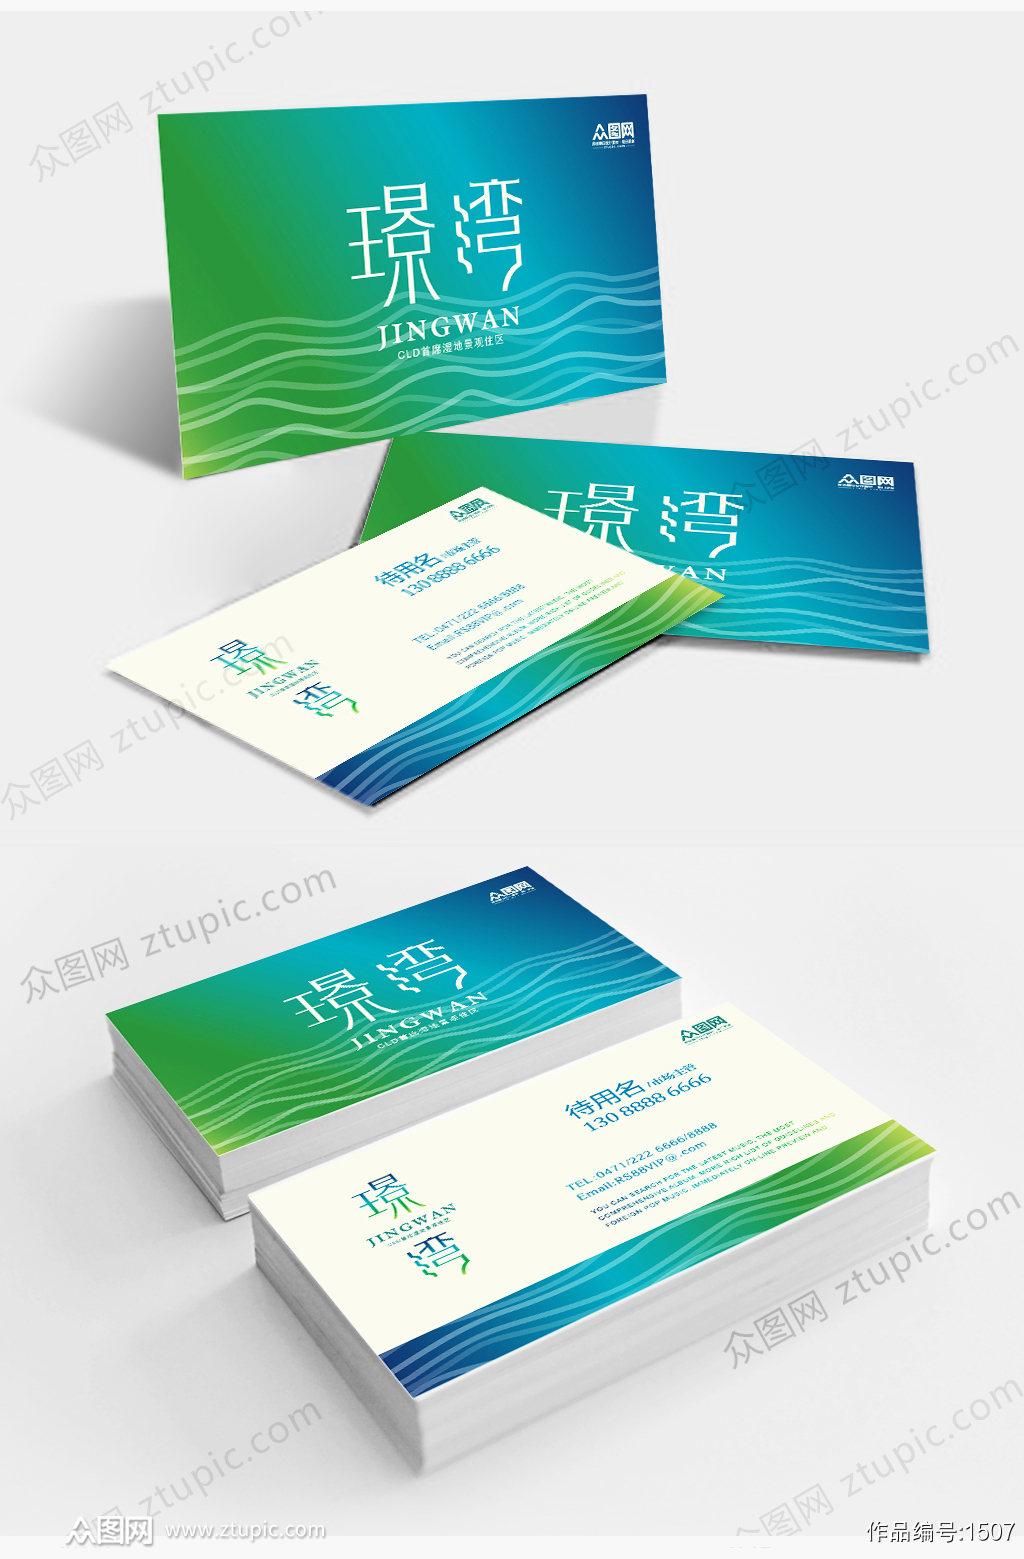 绿色大气清新企业名片设计模板 名片背面素材